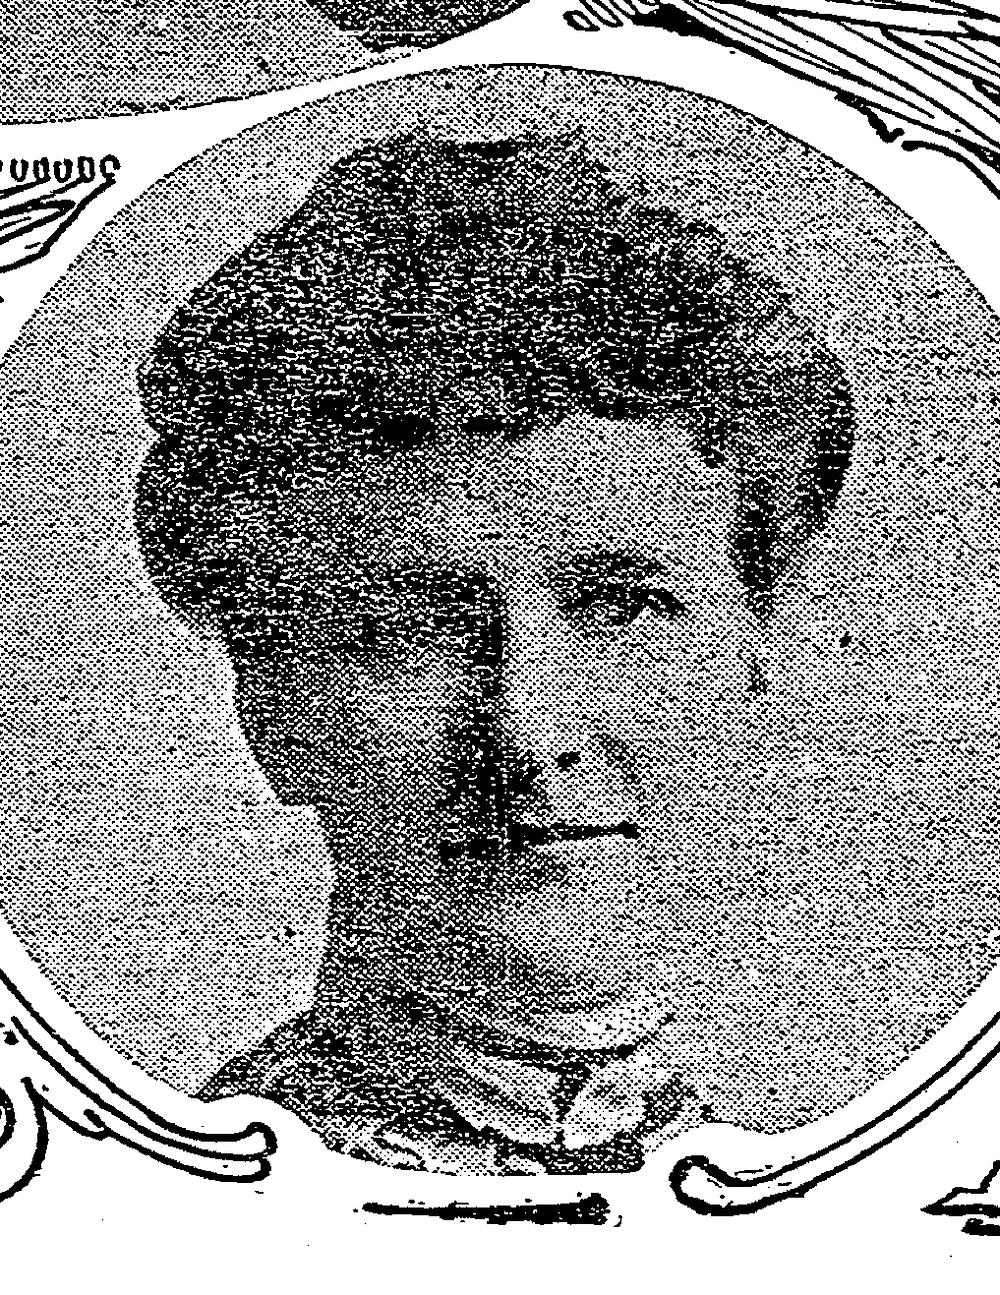 Jane Judah. Image: Seattle Times